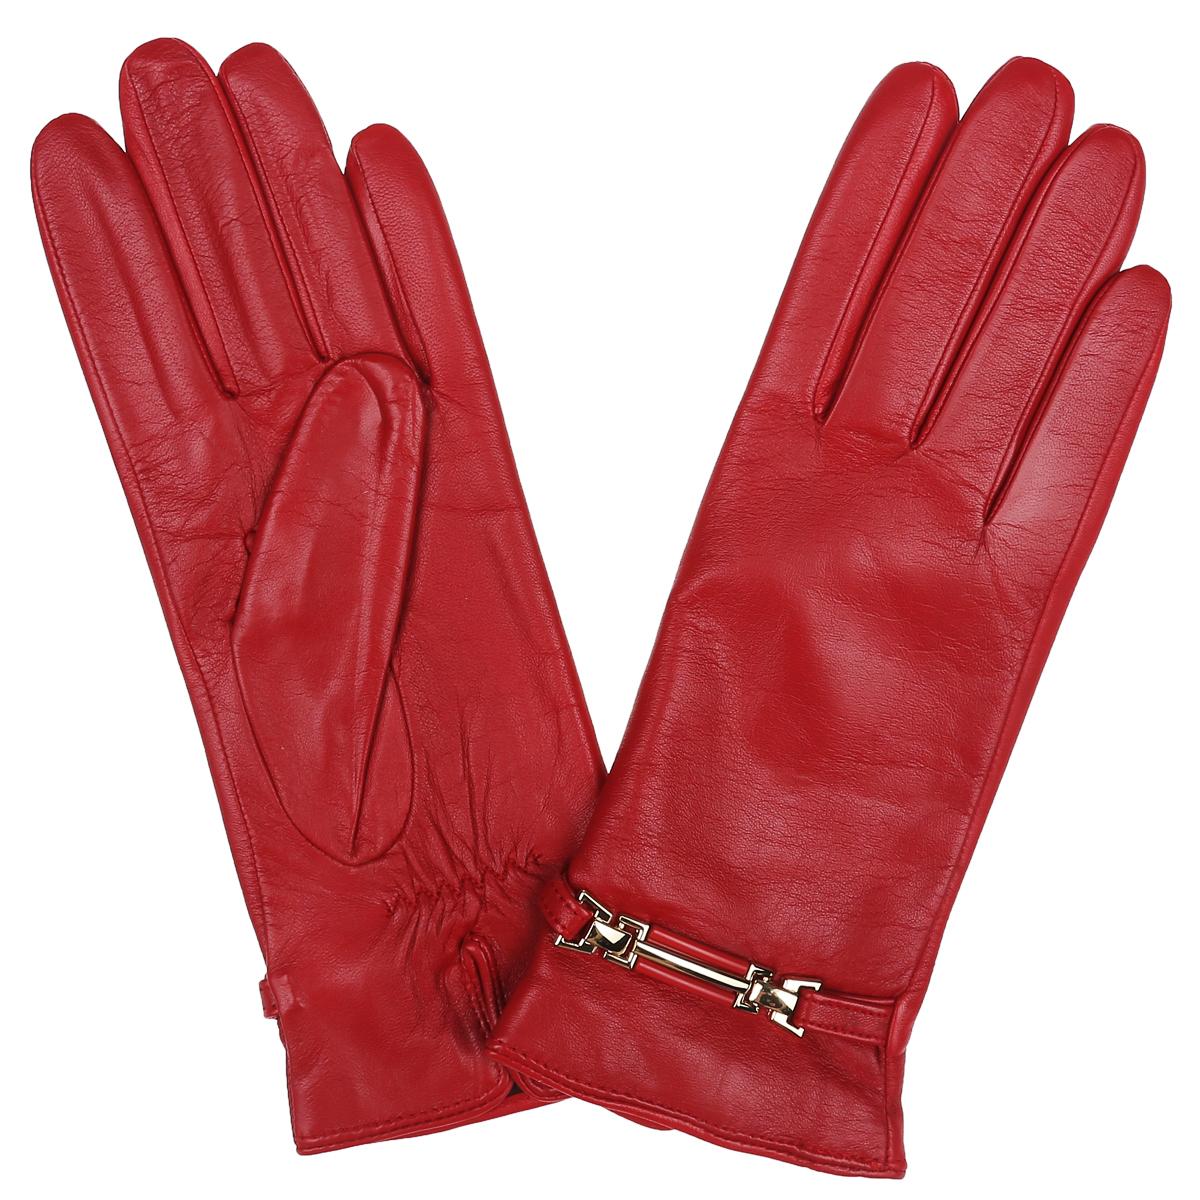 ПерчаткиLB-0306Классические женские перчатки Labbra не только защитят ваши руки, но и станут великолепным украшением. Перчатки выполнены из чрезвычайно мягкой и приятной на ощупь натуральной кожи ягненка, а их подкладка - из натуральной шерсти с добавлением акрила. Внешняя сторона перчатки декорирована кожаным ремешком с пряжкой. С внутренней стороны сделана аккуратная сборка резинкой. В настоящее время перчатки являются неотъемлемой принадлежностью одежды, вместе с этим аксессуаром вы обретаете женственность и элегантность. Перчатки станут завершающим и подчеркивающим элементом вашего стиля и неповторимости.